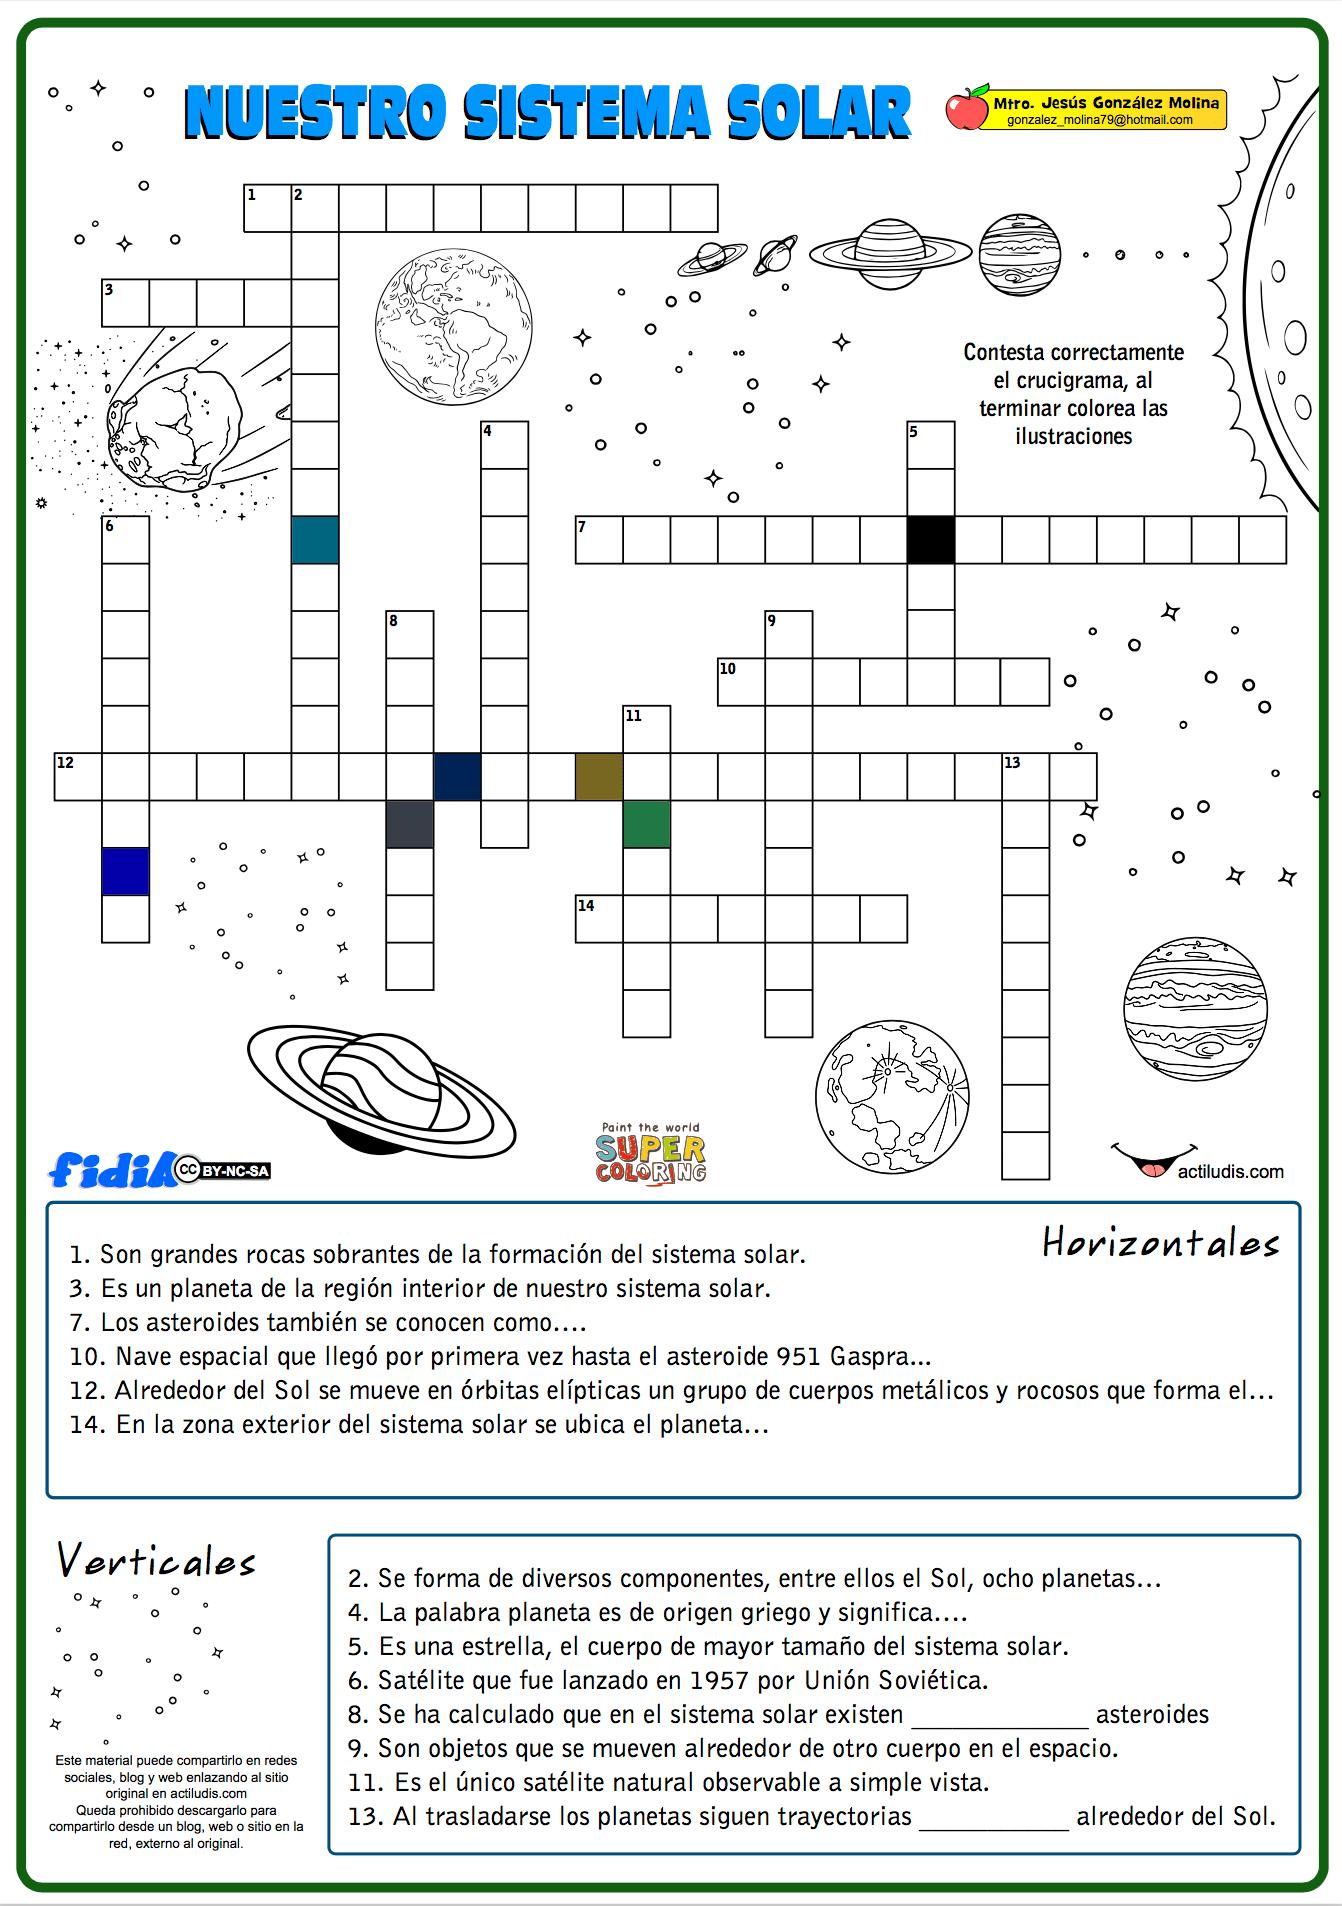 Crucigrama de nuestro sistema solar - Actiludis | Ciencias sociales ...